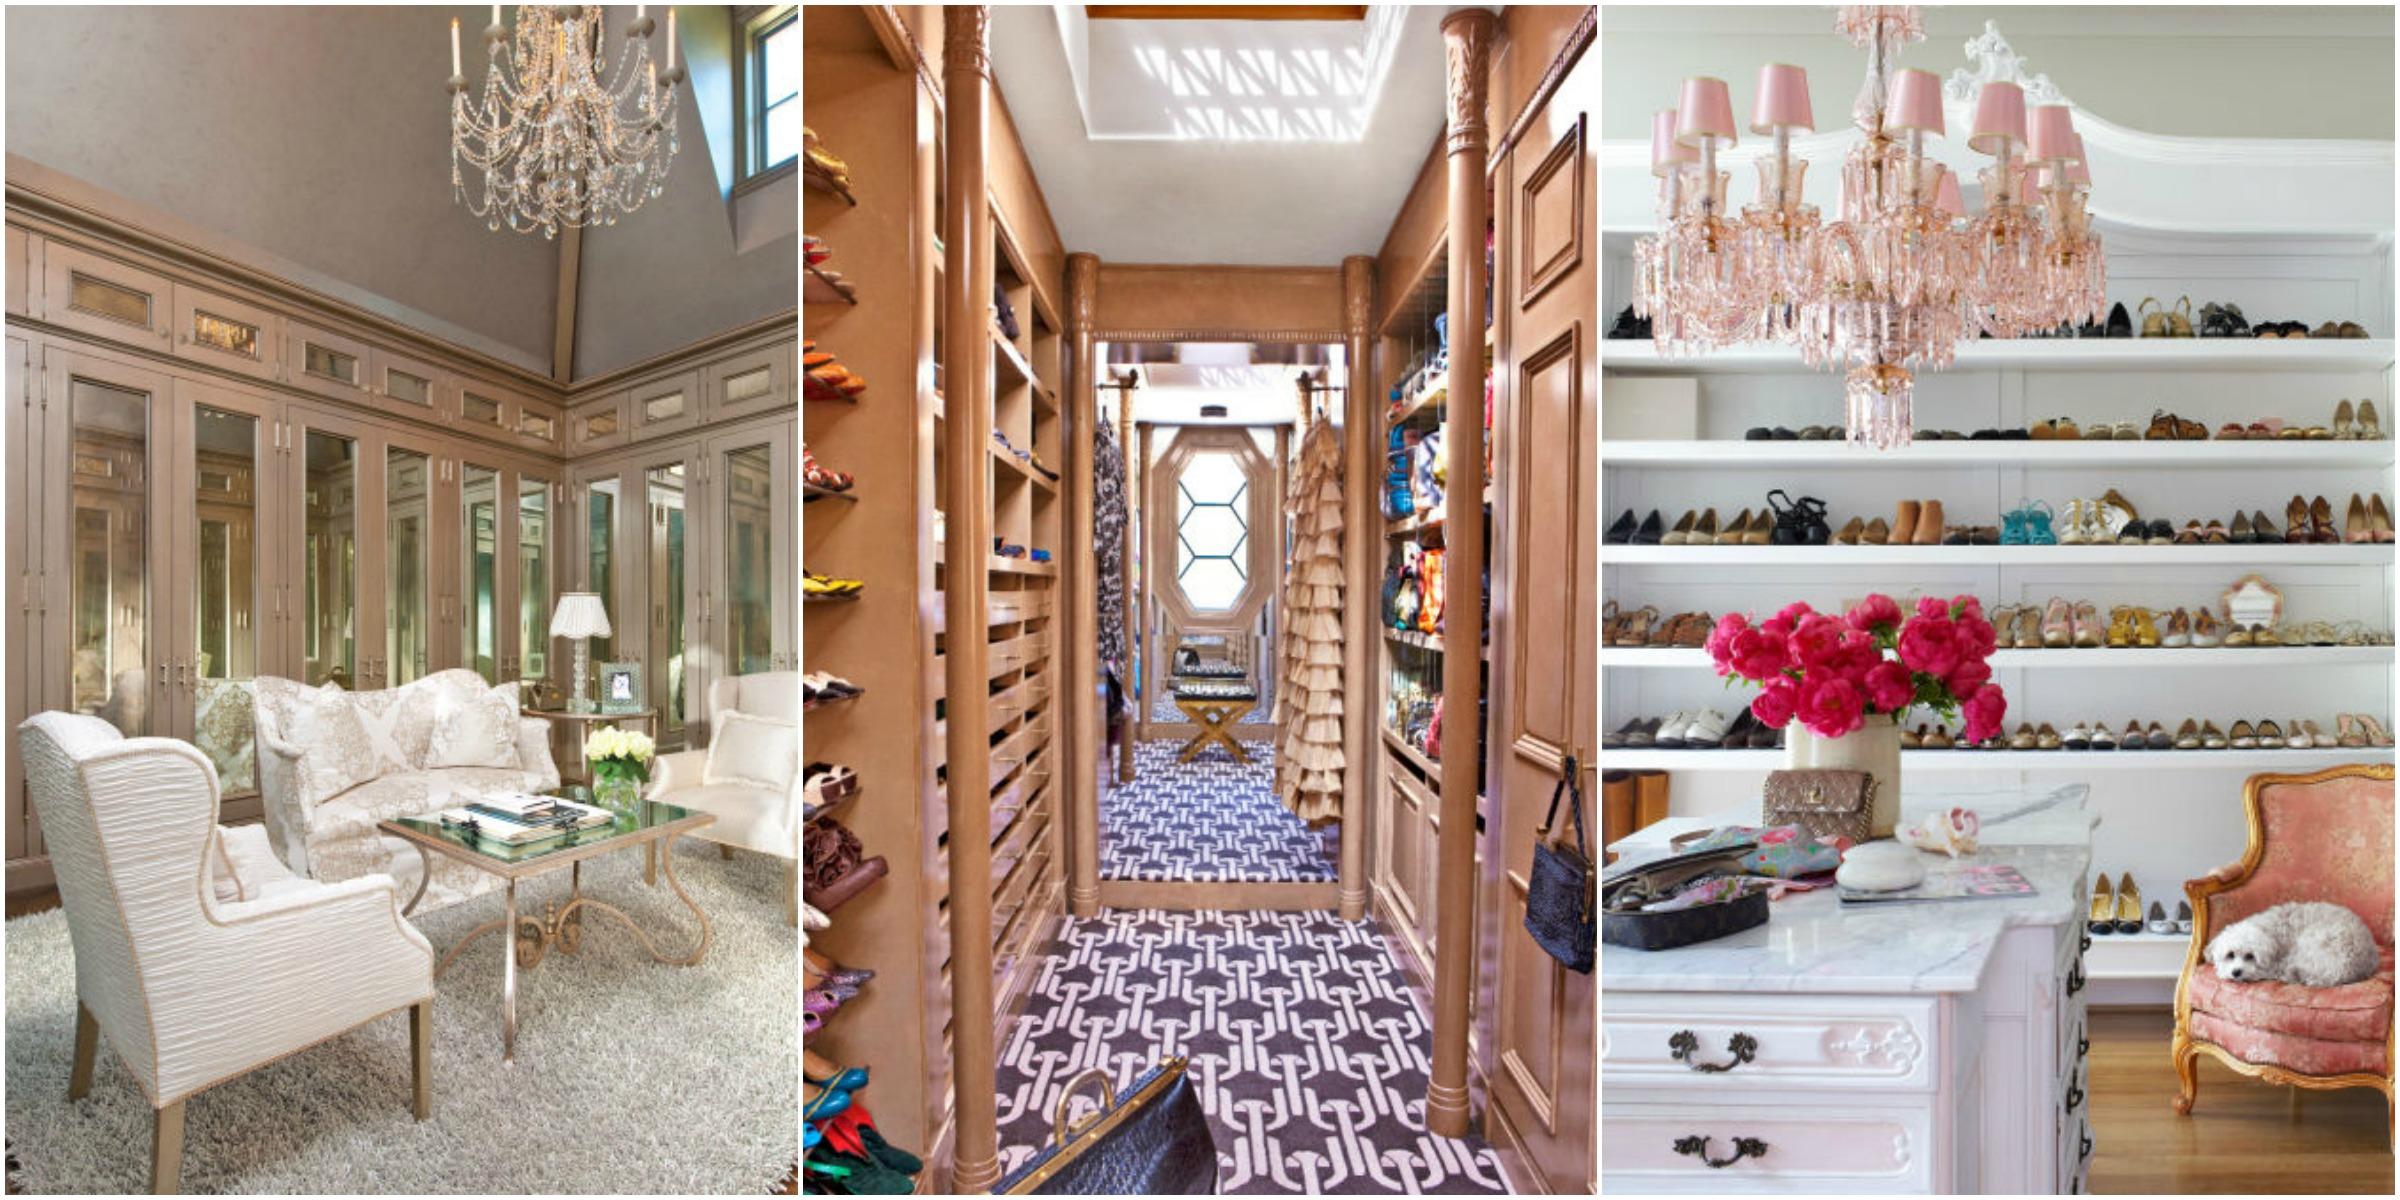 12 designer closets ideas dream dressing room photos - Dressing room designs in the home ...